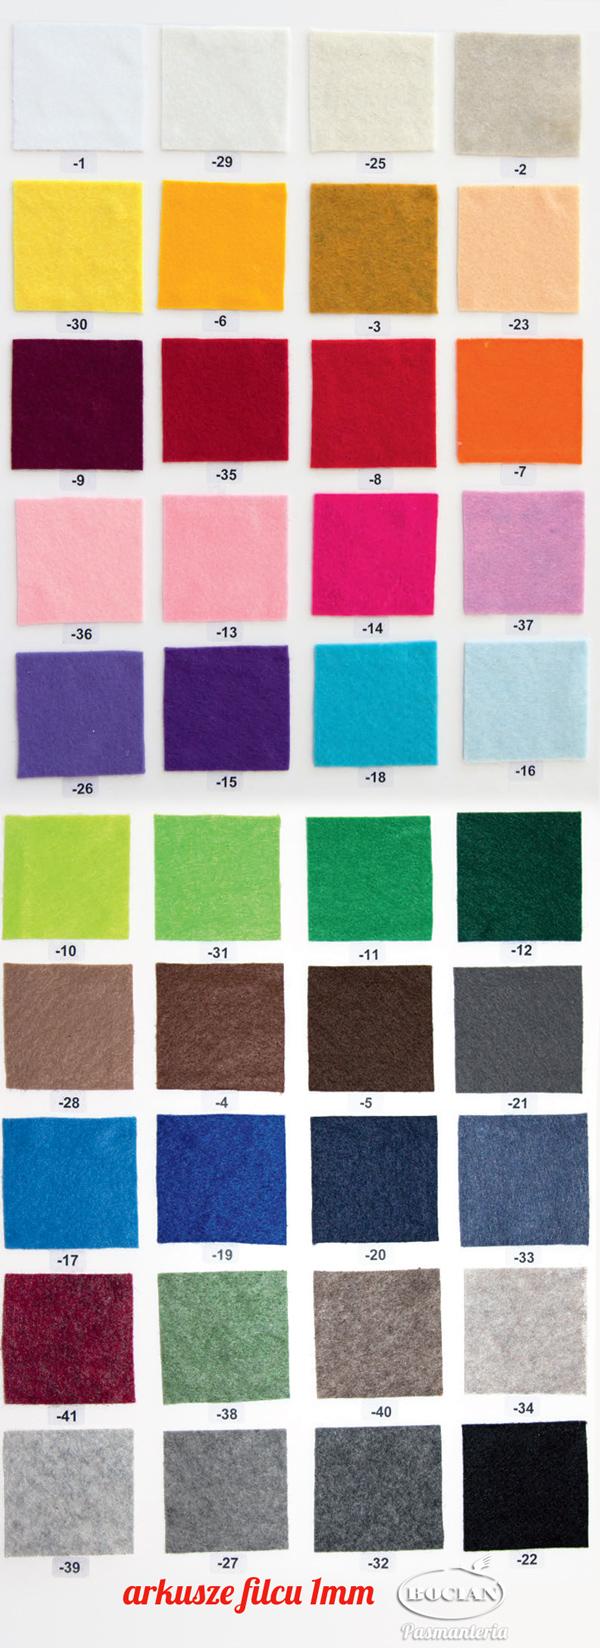 Filc cienki 1mm arkusz 20x30cm - wybór kolorów